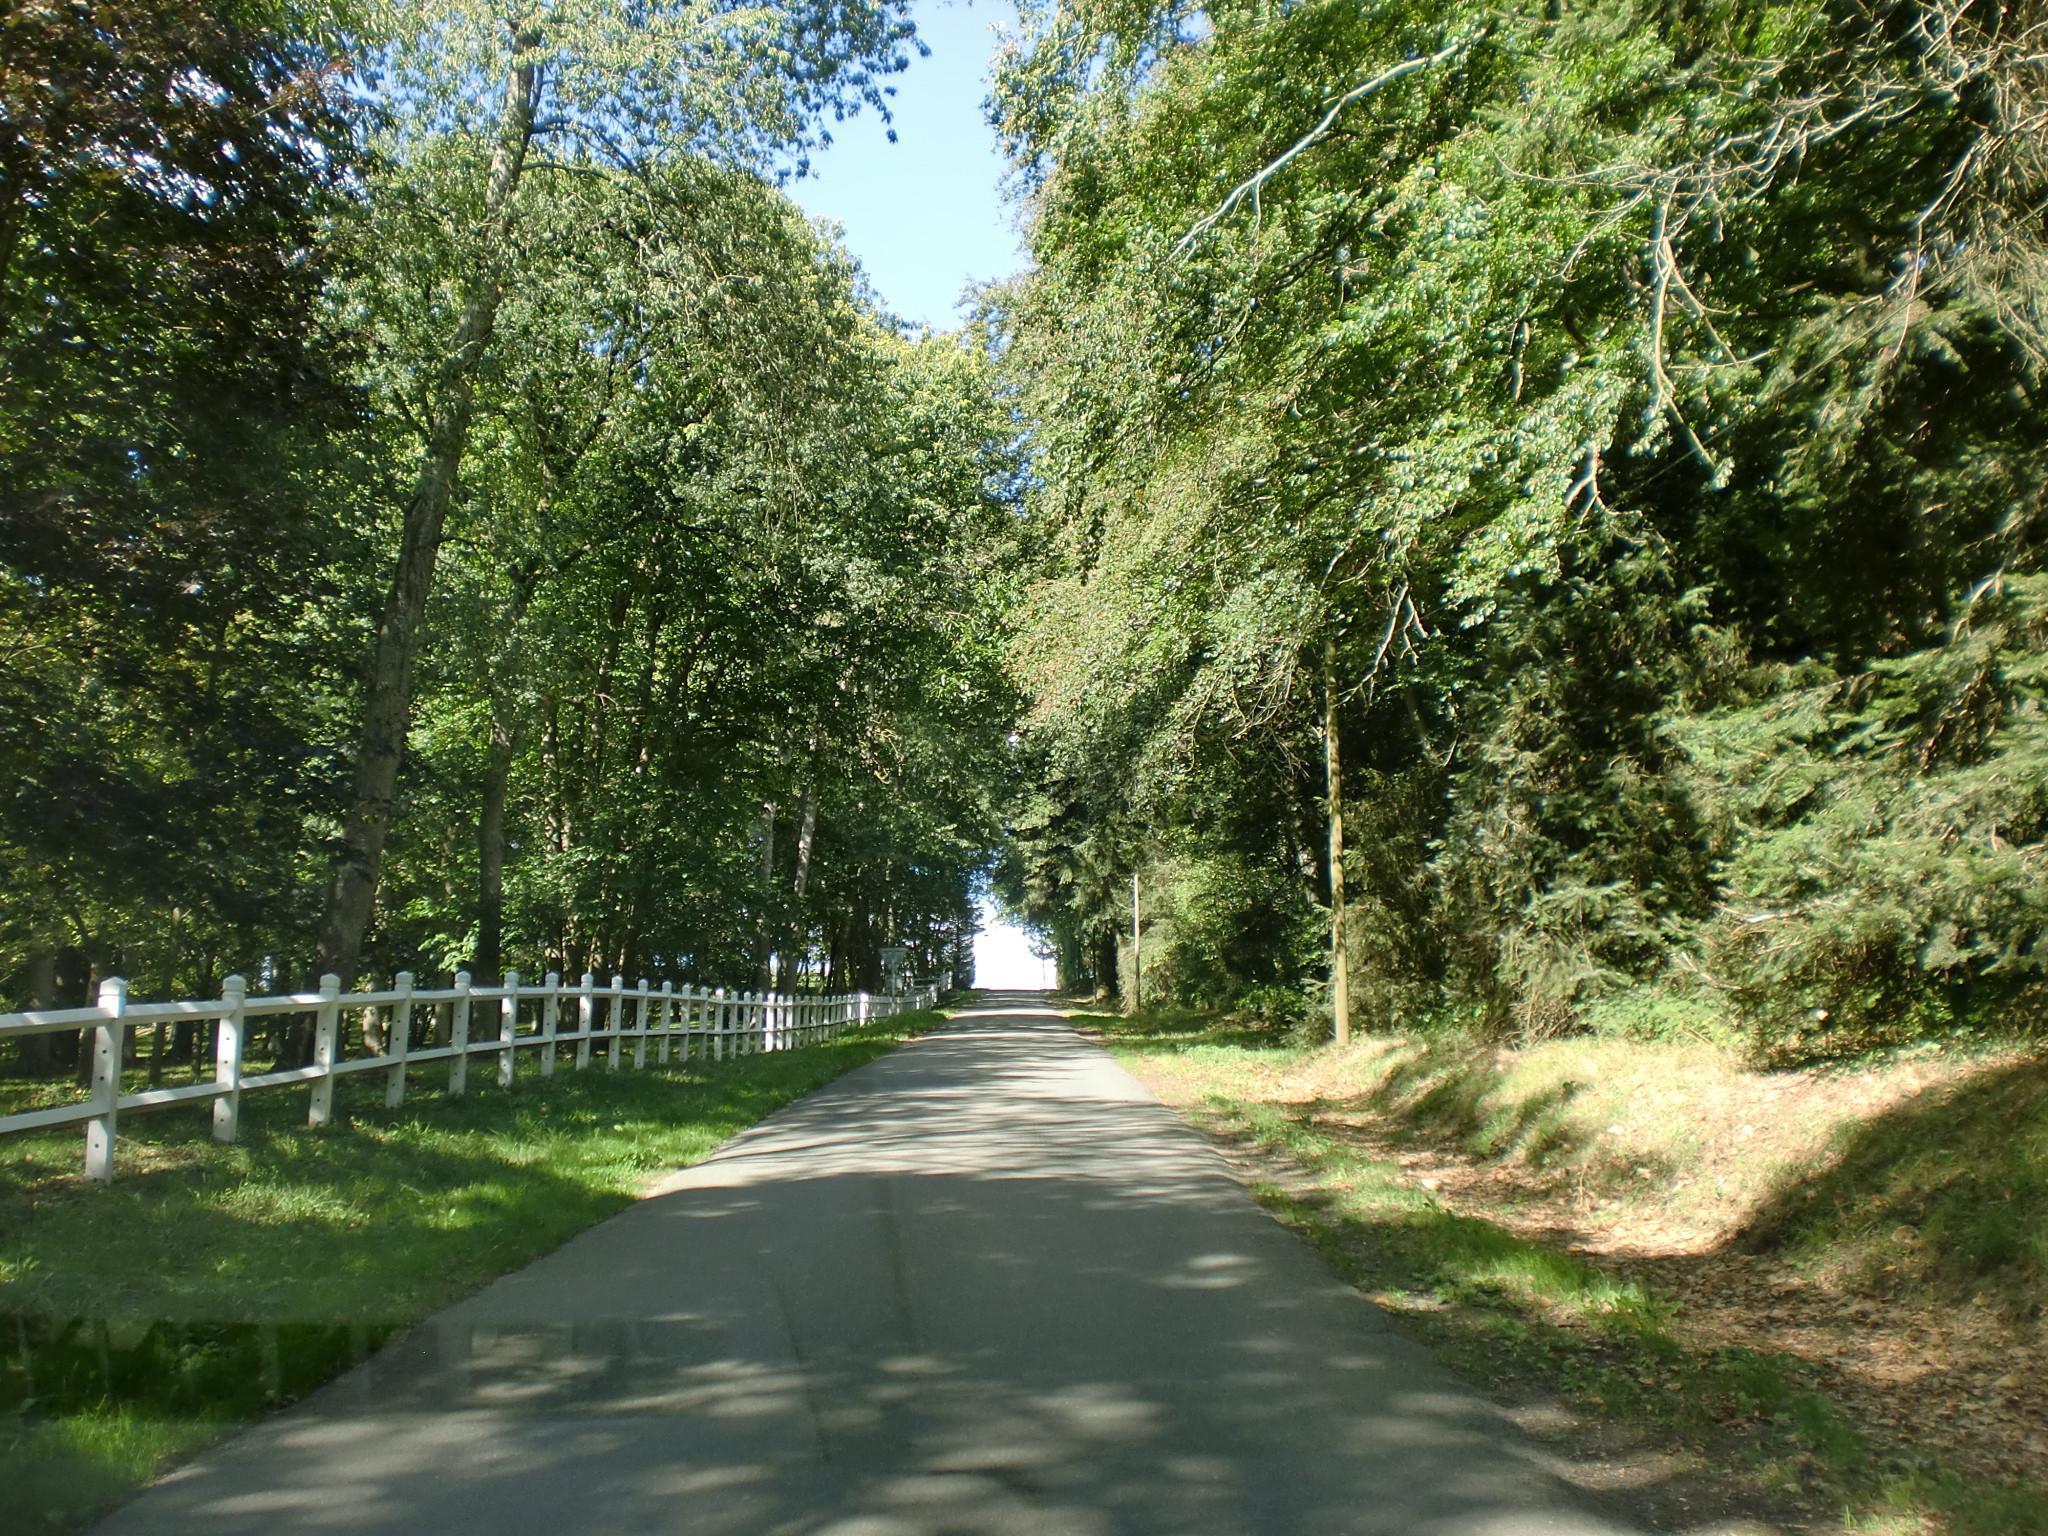 Fonds d'écran Constructions et architecture Routes - Autoroutes Route de Haras